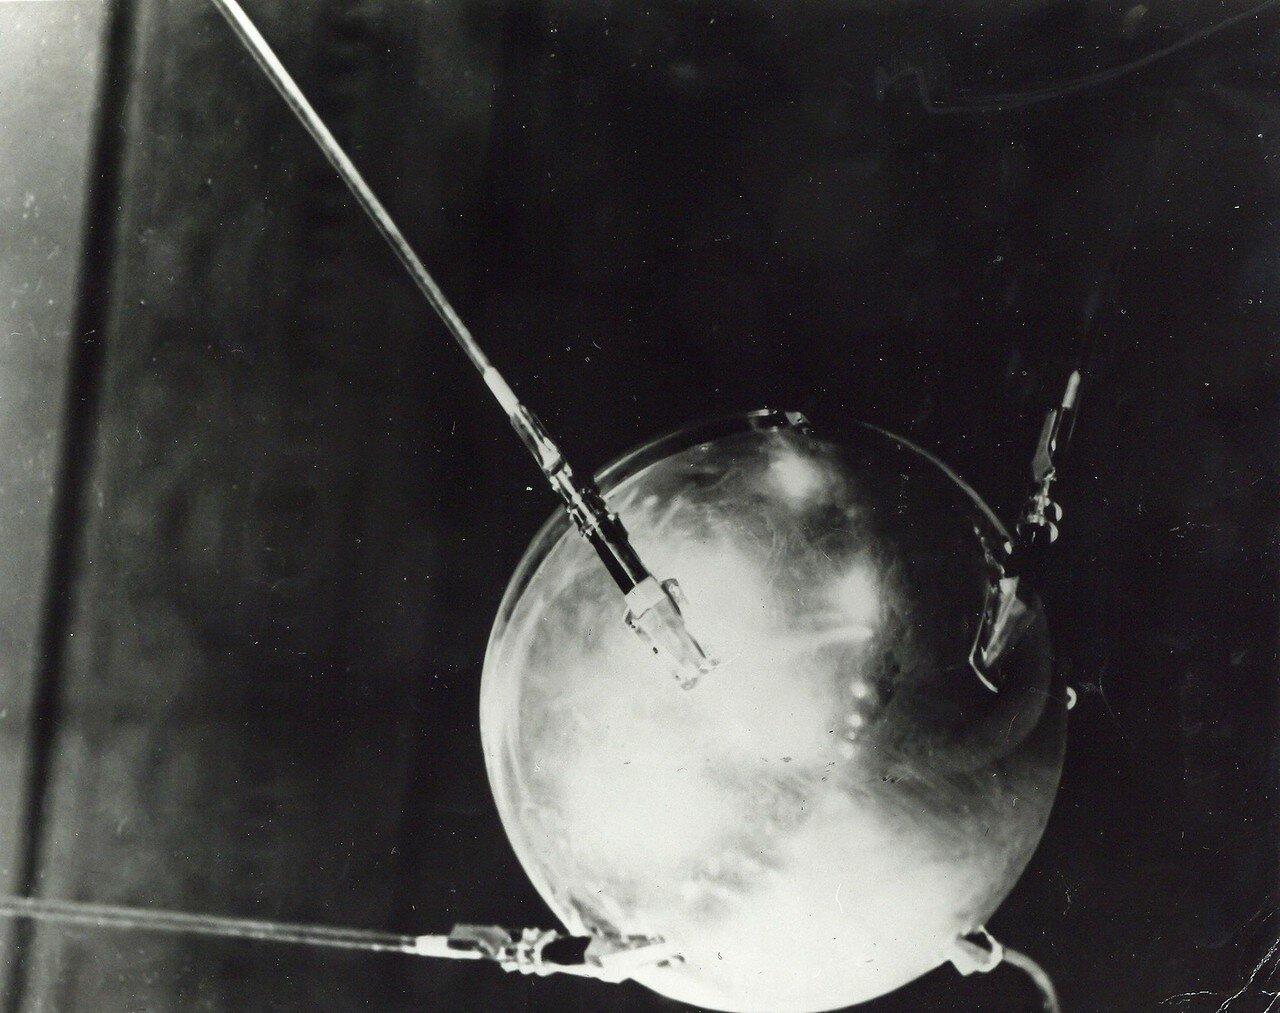 05. 1957, октябрь. Первый в мире искусственный спутник объявил о начале космической гонки СССР и США